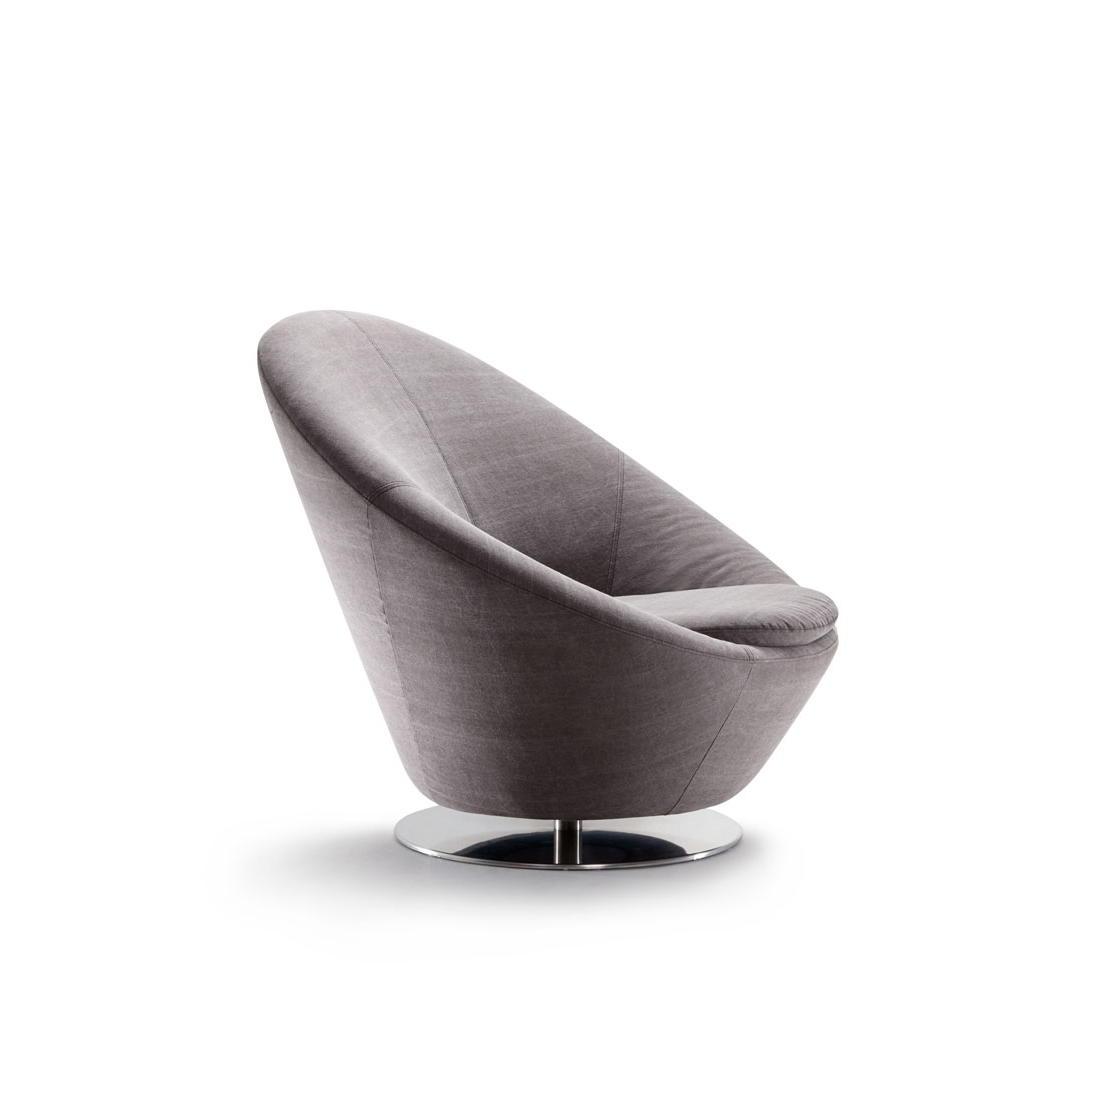 BIG EASY Sessel, drehbar, Seitenansicht